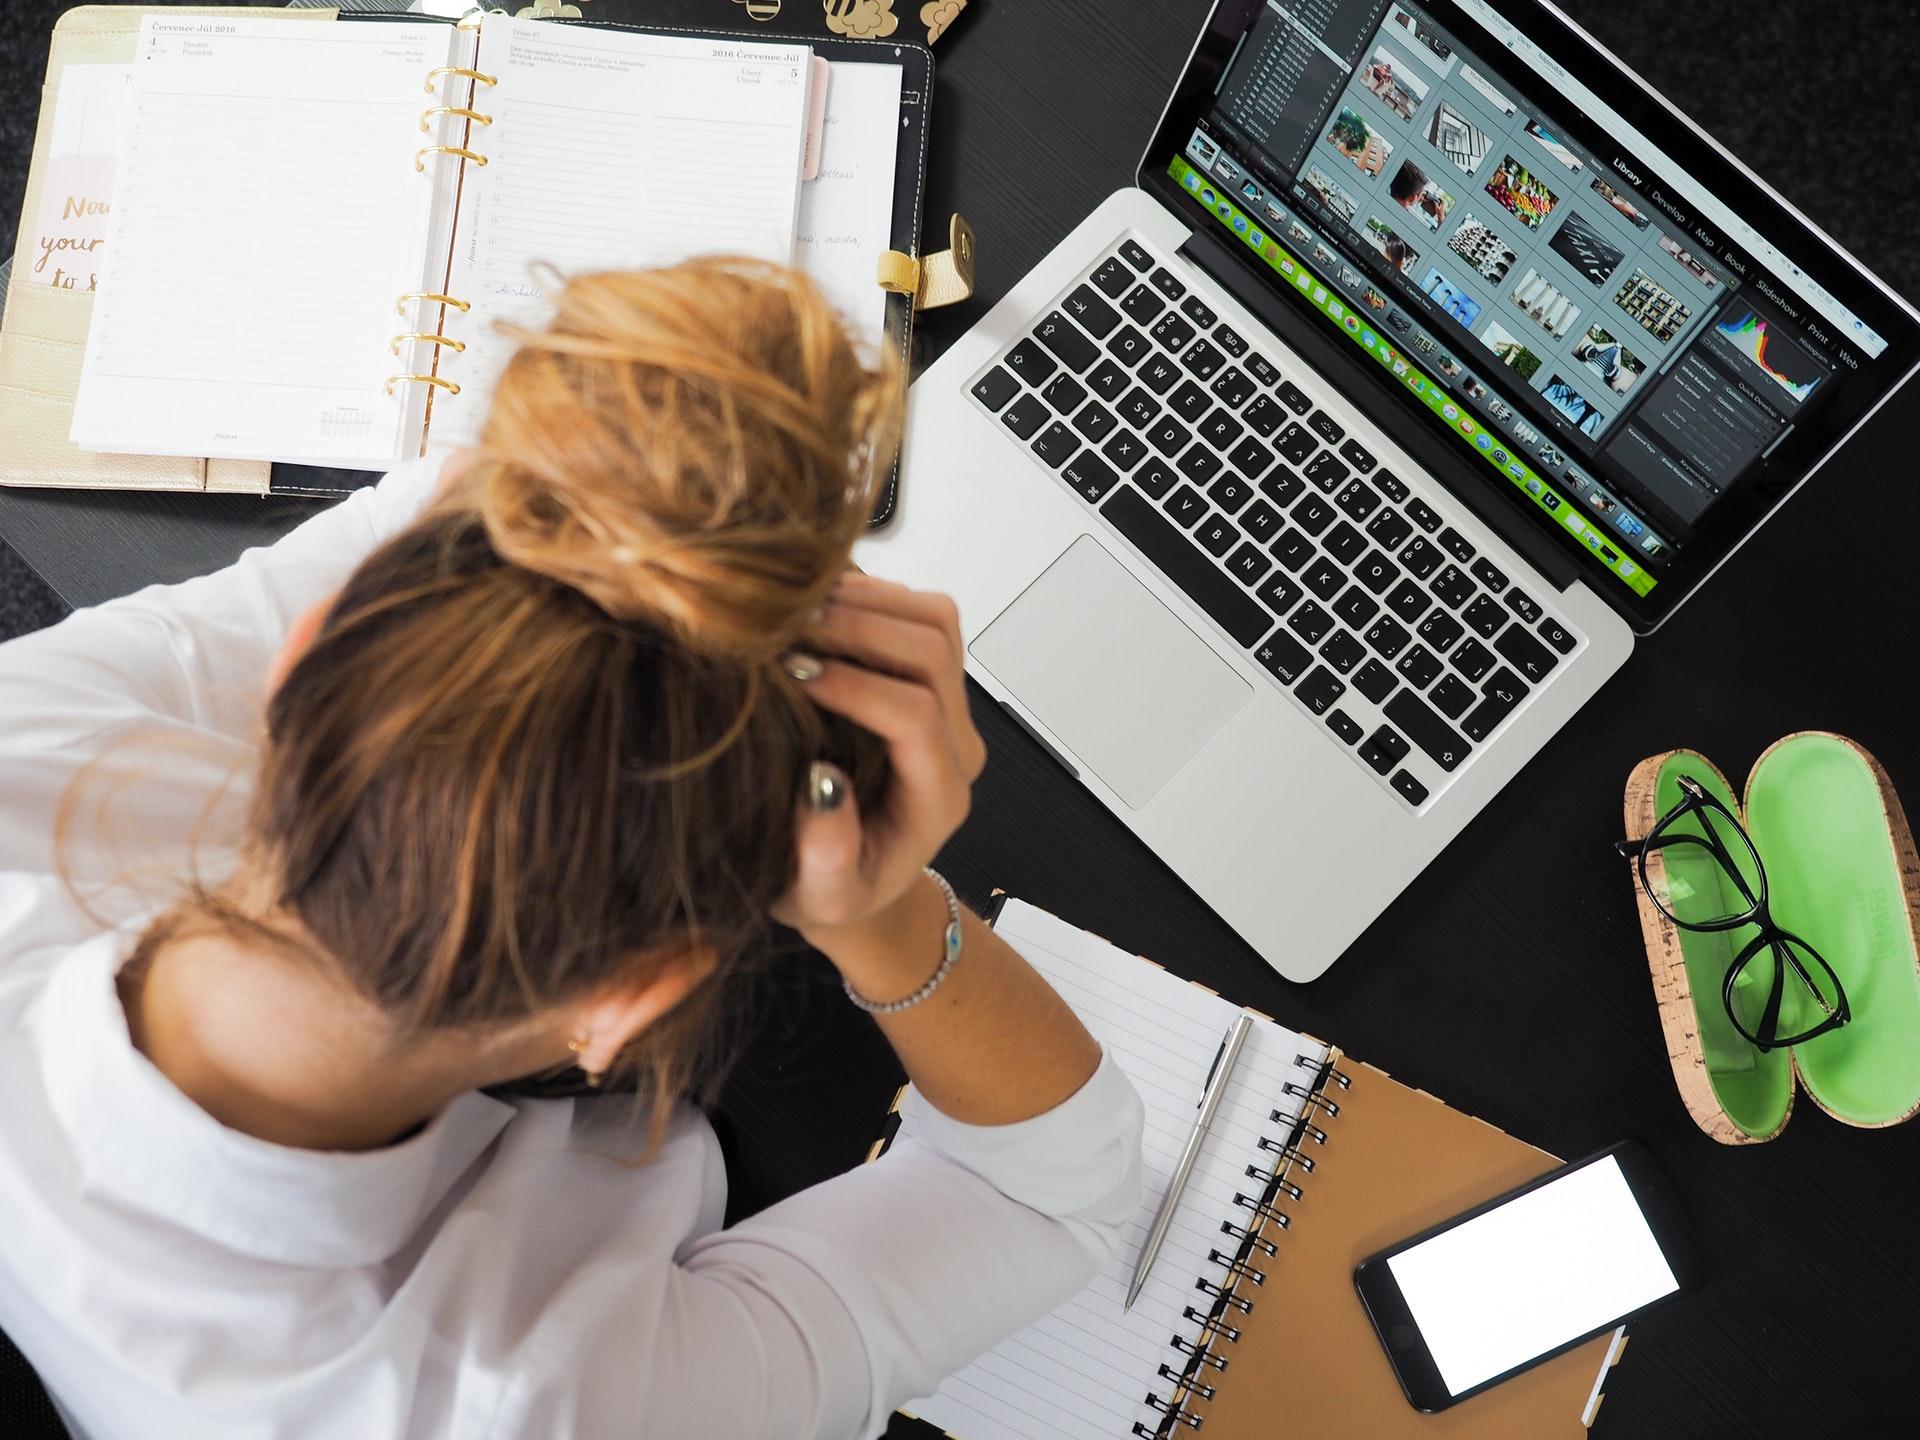 præstationskultur, yngre jeg, tilbageblik, ungdom, livet, stress, arbejde, resultater, computer, bærbar, mac, skrivebord, kvinde, tager sig til hovedet, opgaver, lektier